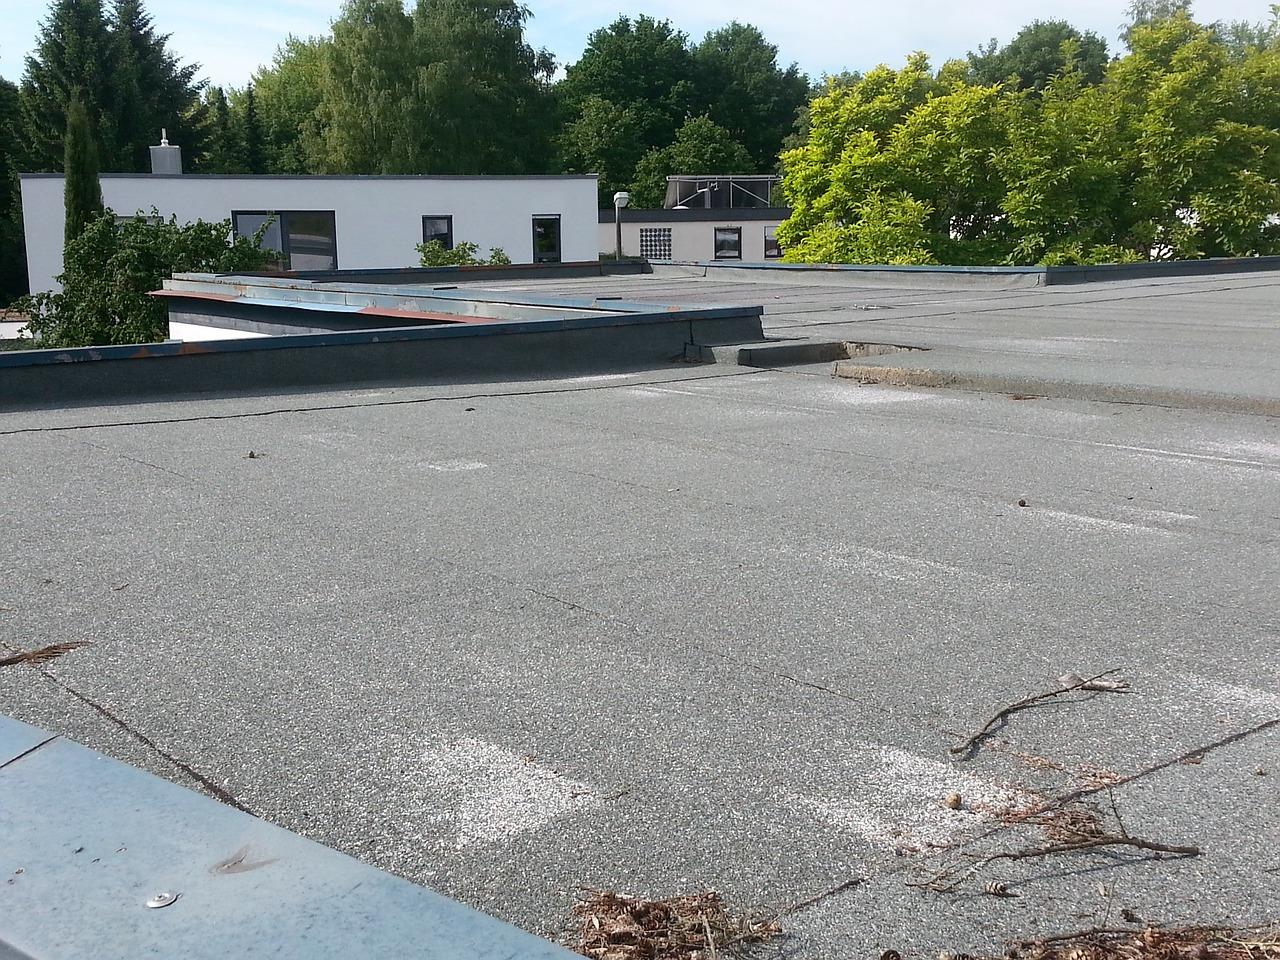 אז החלטנו לאטום את הגג, ומה עכשיו?